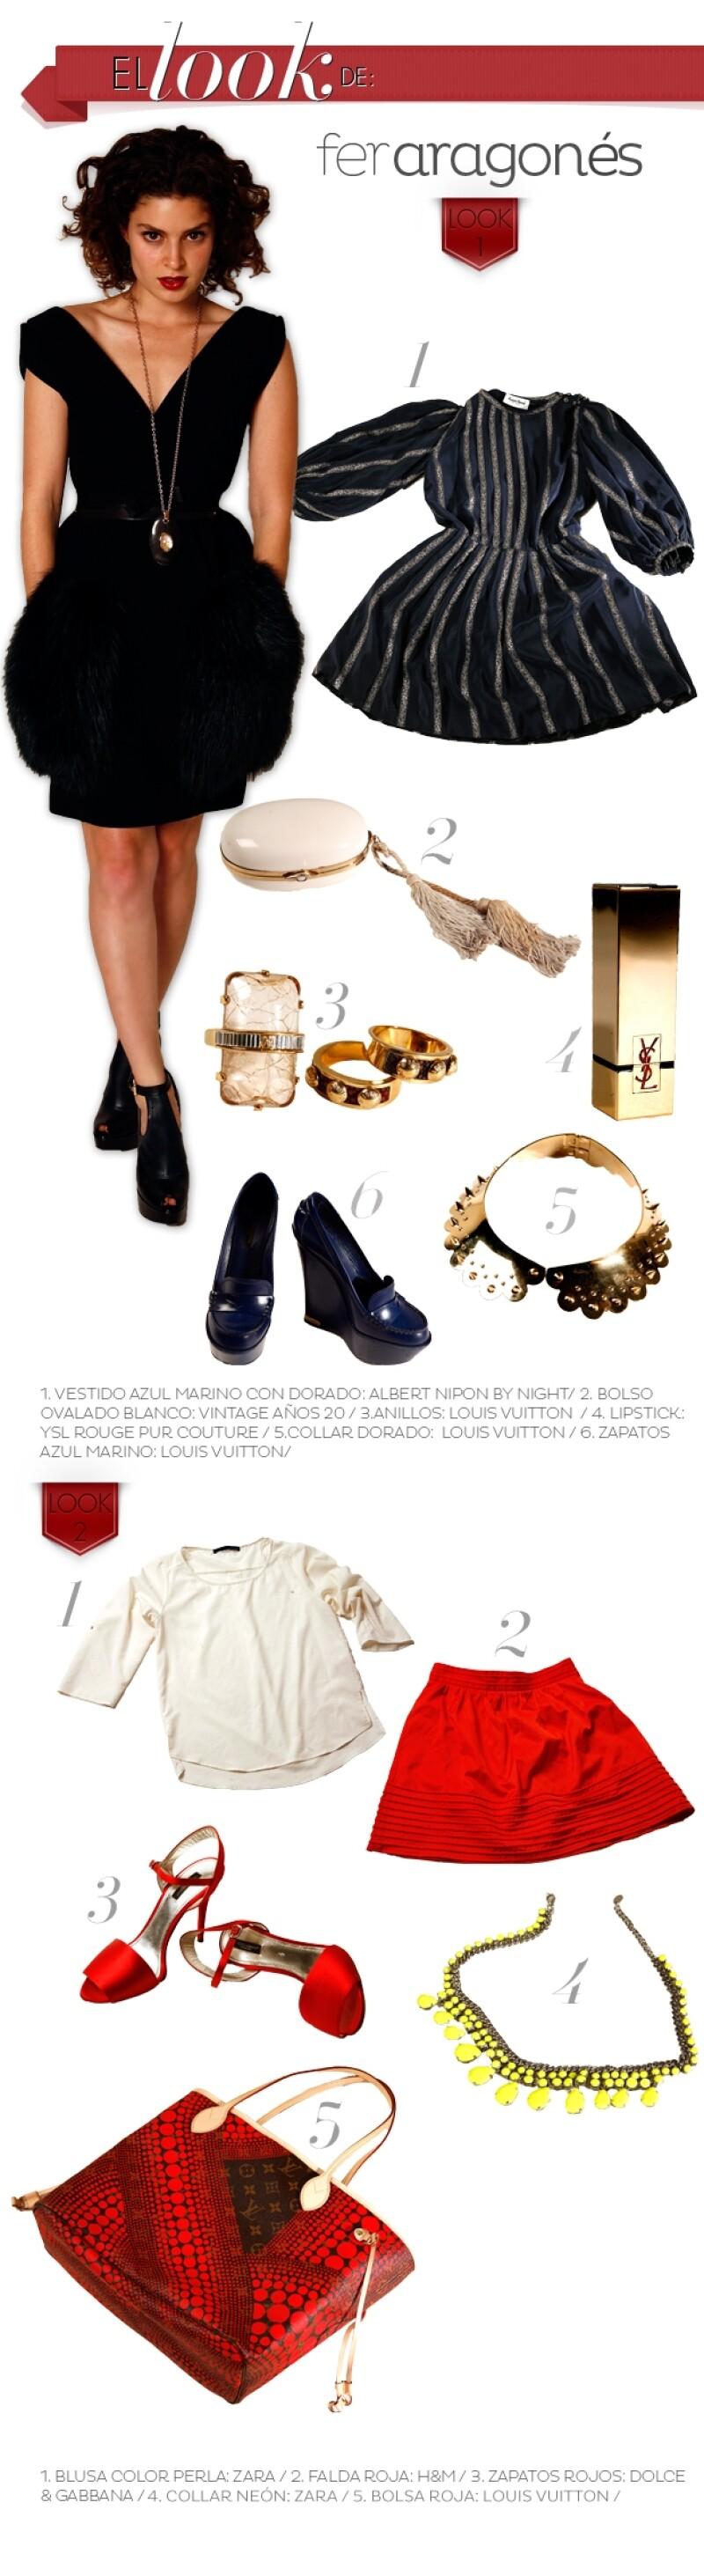 Ella es arriesgada al vestir, le encanta mezclar marcas, texturas y colores. Su regla de oro es no repetir outfit para hacer más creativas sus combinaciones.